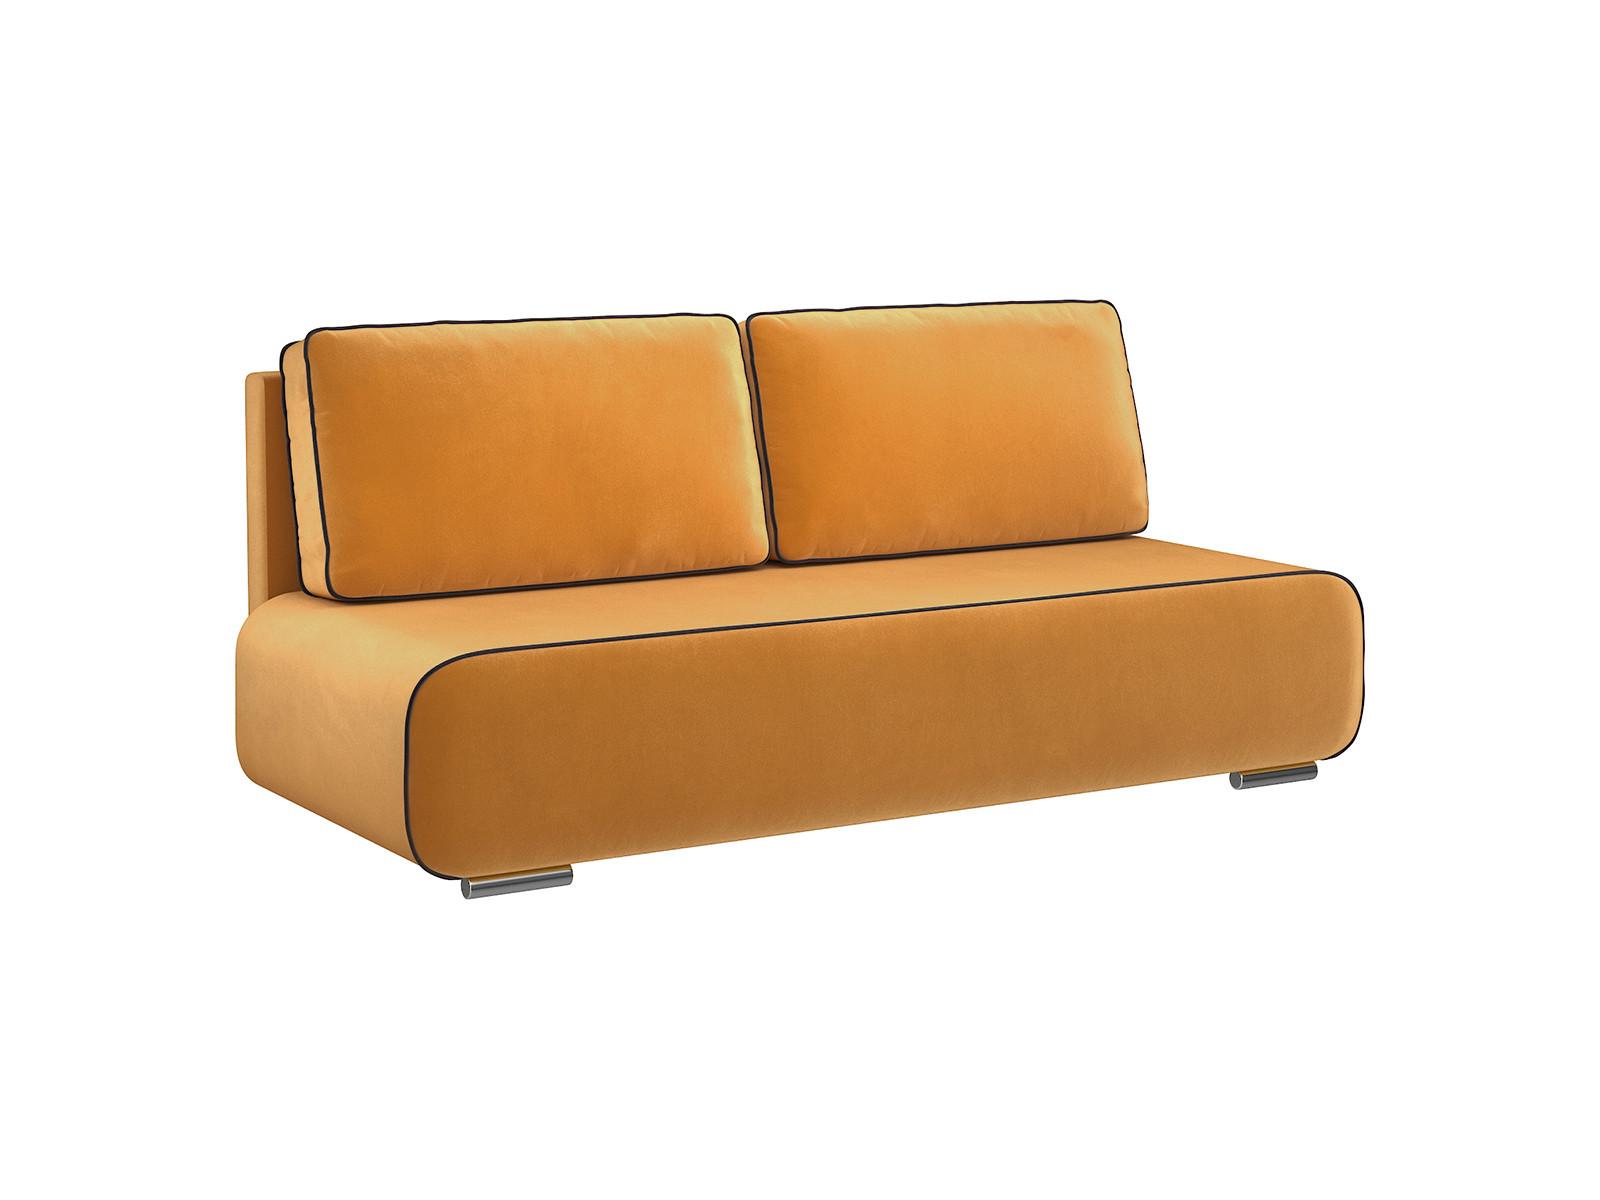 Диван тканевый прямой Лаки D1 furniture Amigo жёлтый (Велюр) MebelVia Желтый Желтый